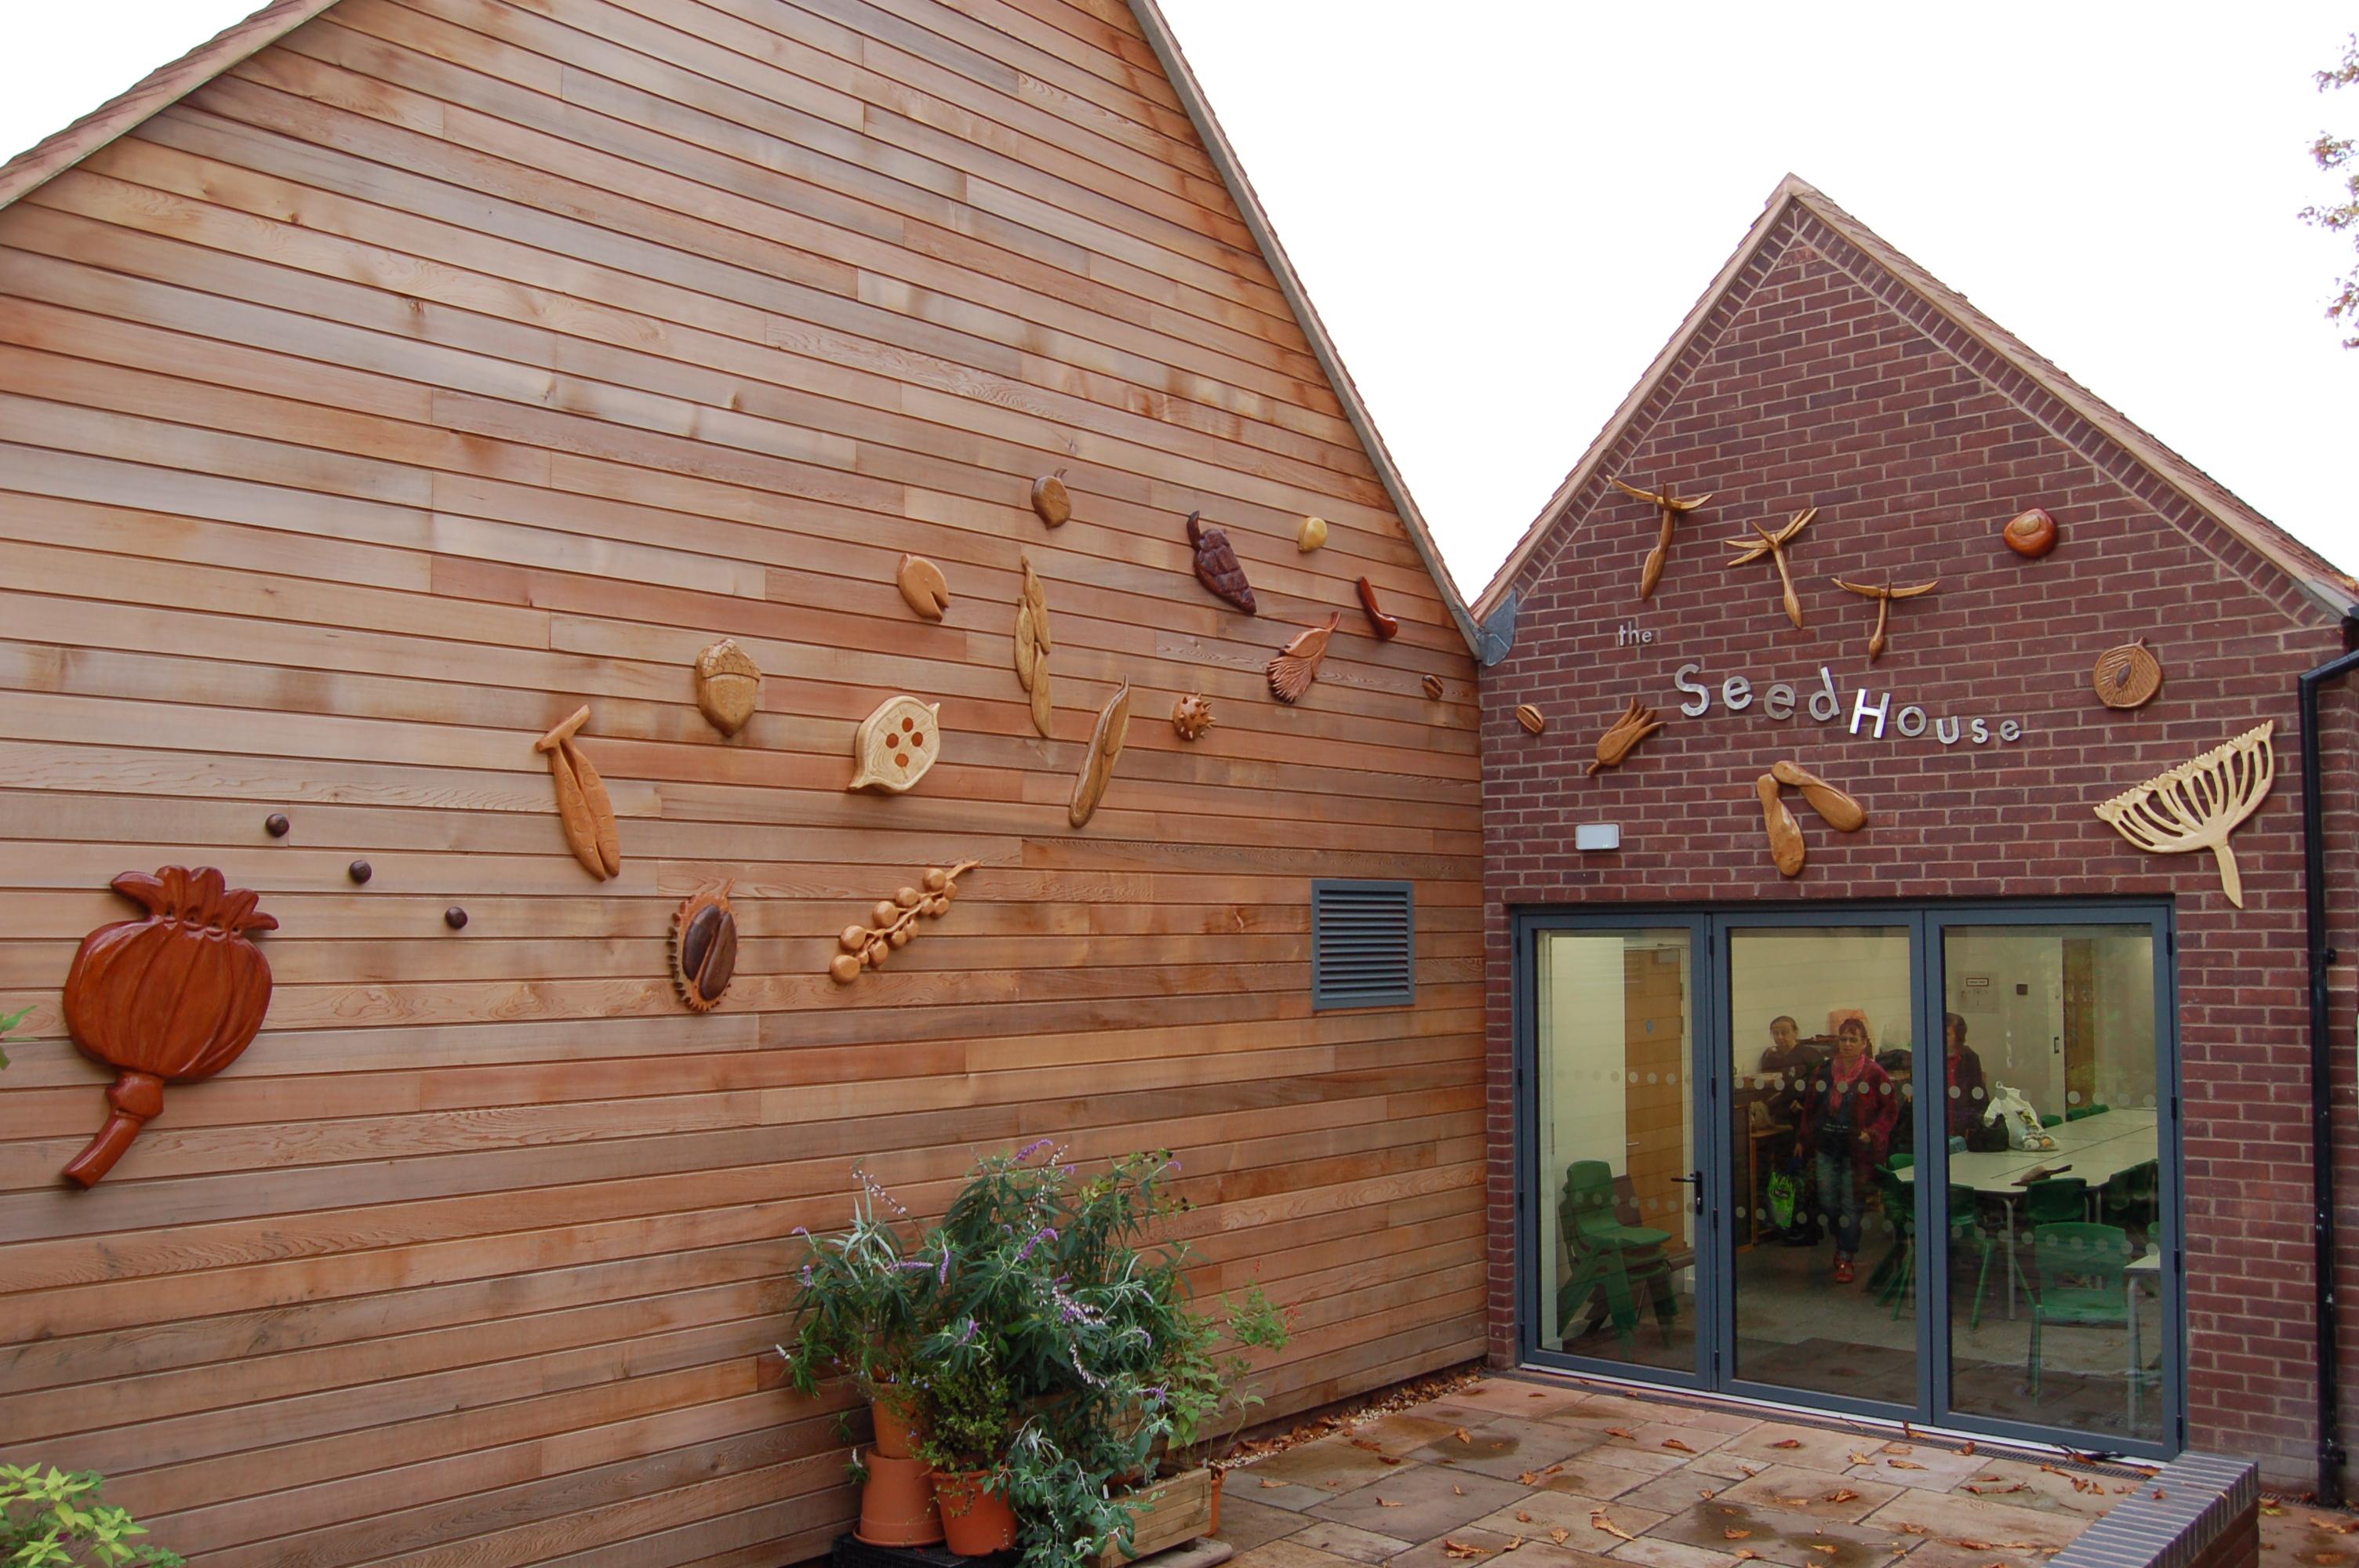 Walsall Arboretum Seedhouse (7)